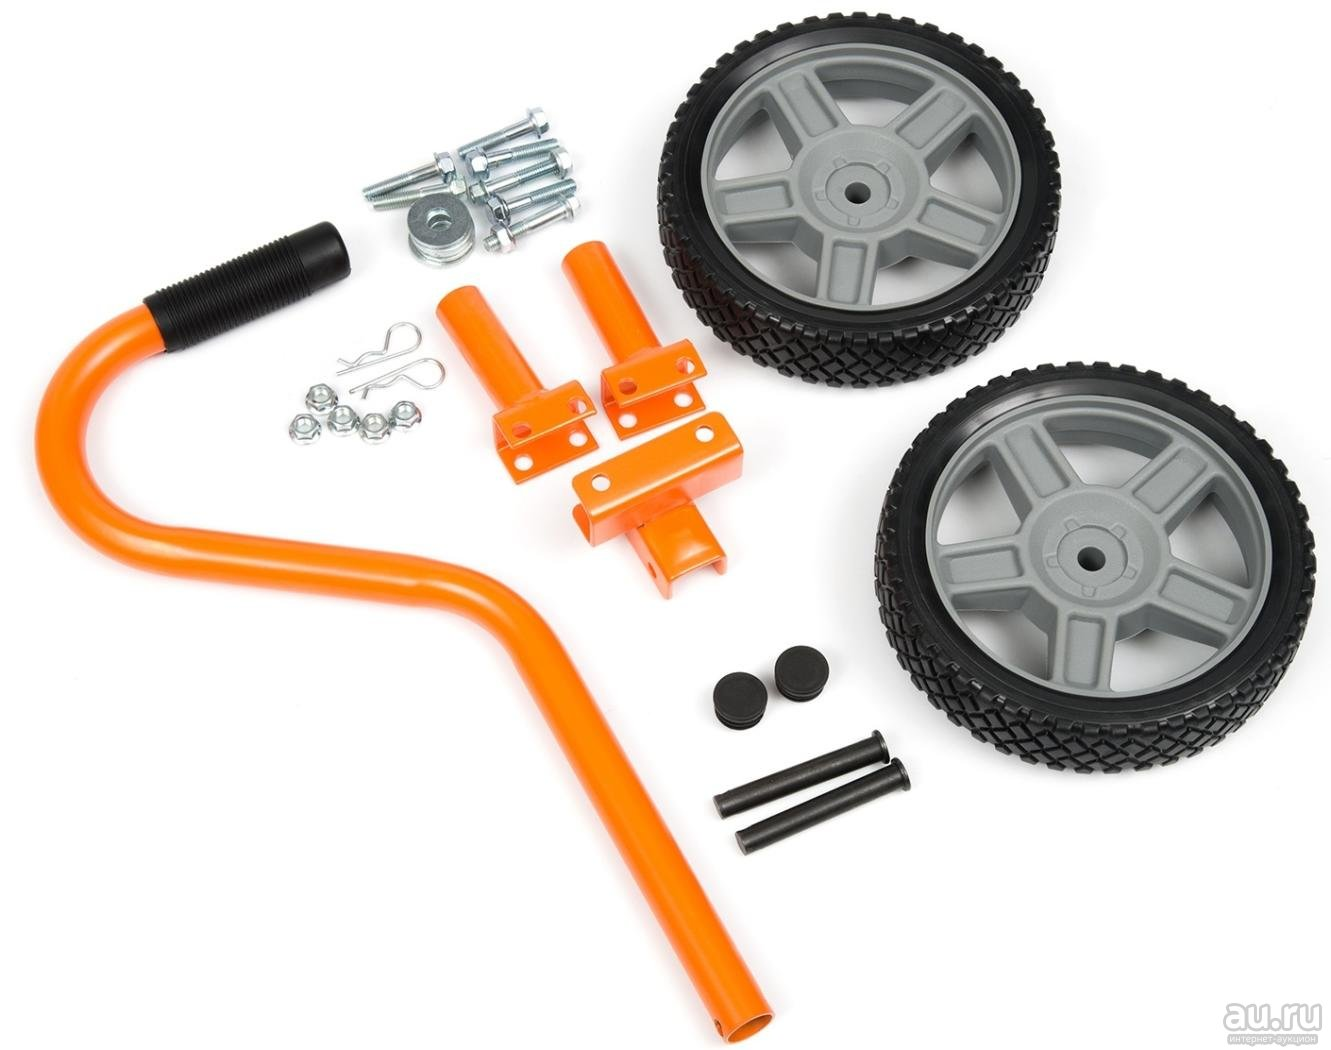 Комплект колес для генераторов ECT 7000 в Хвалынске